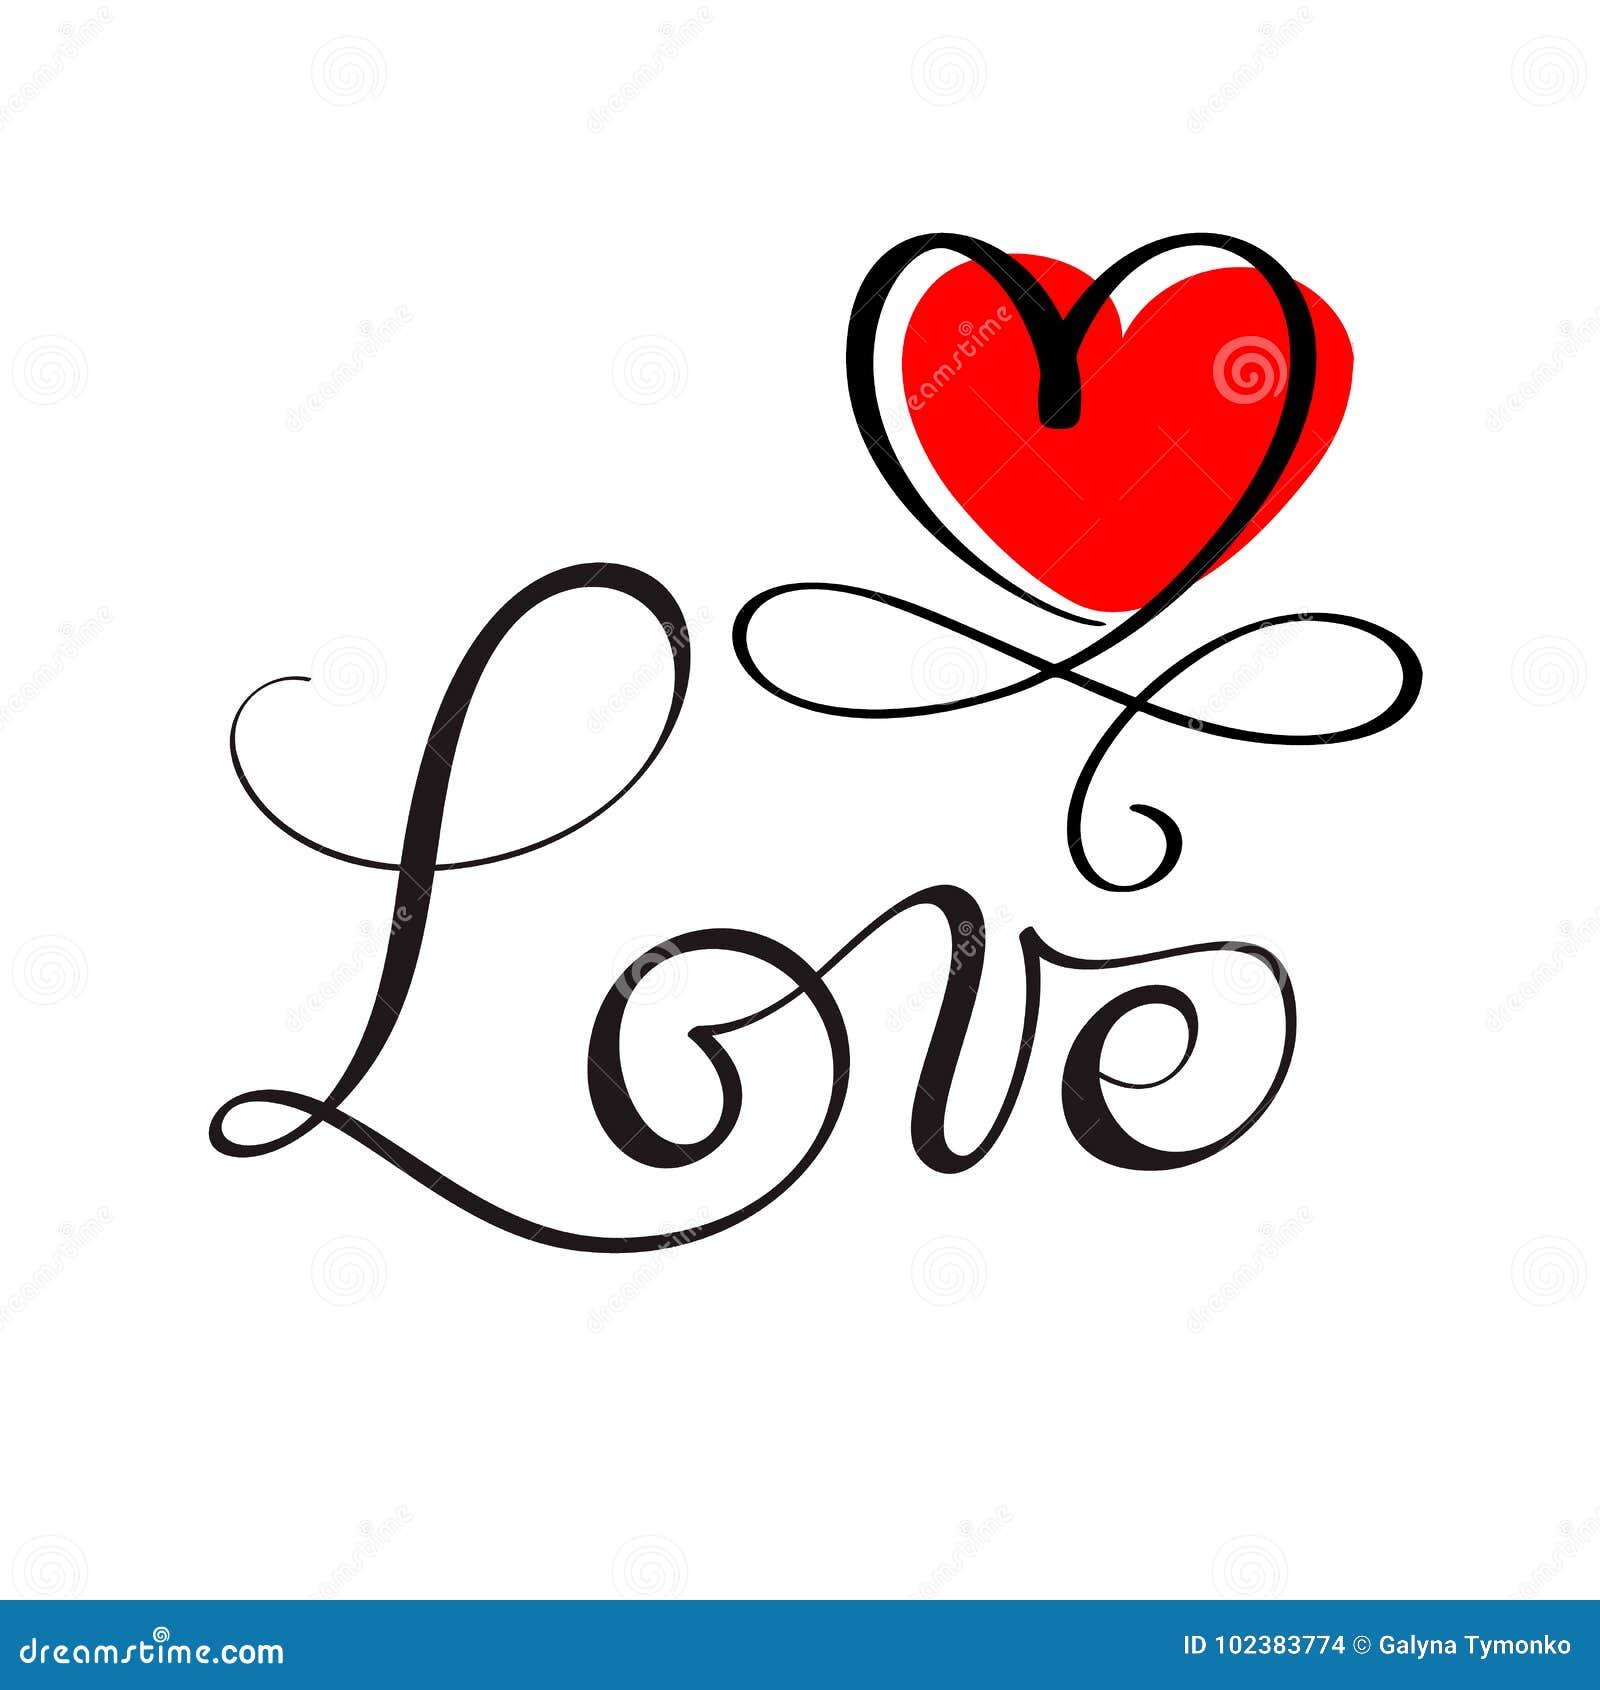 AME a rotulação feita sob encomenda original da mão, caligrafia feito a mão, elemento do projeto do flourish vermelho do coração